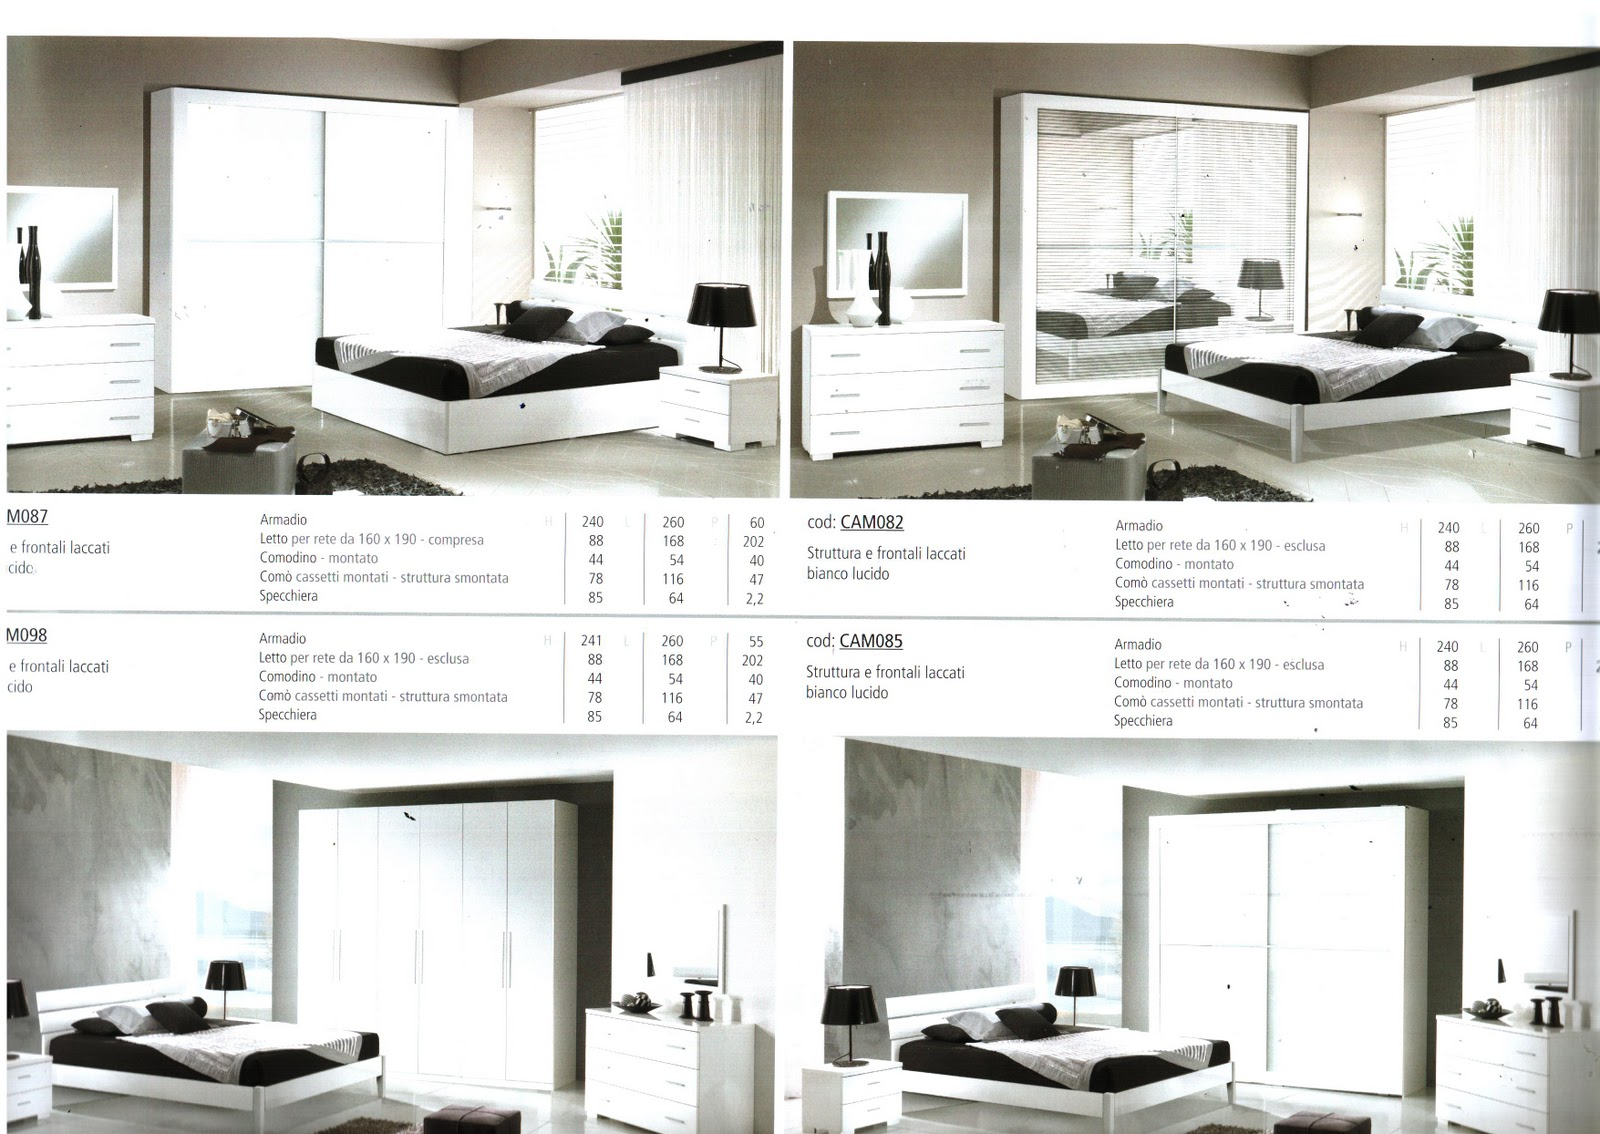 Euro arredo camere da letto for Camere da letto complete a 500 euro